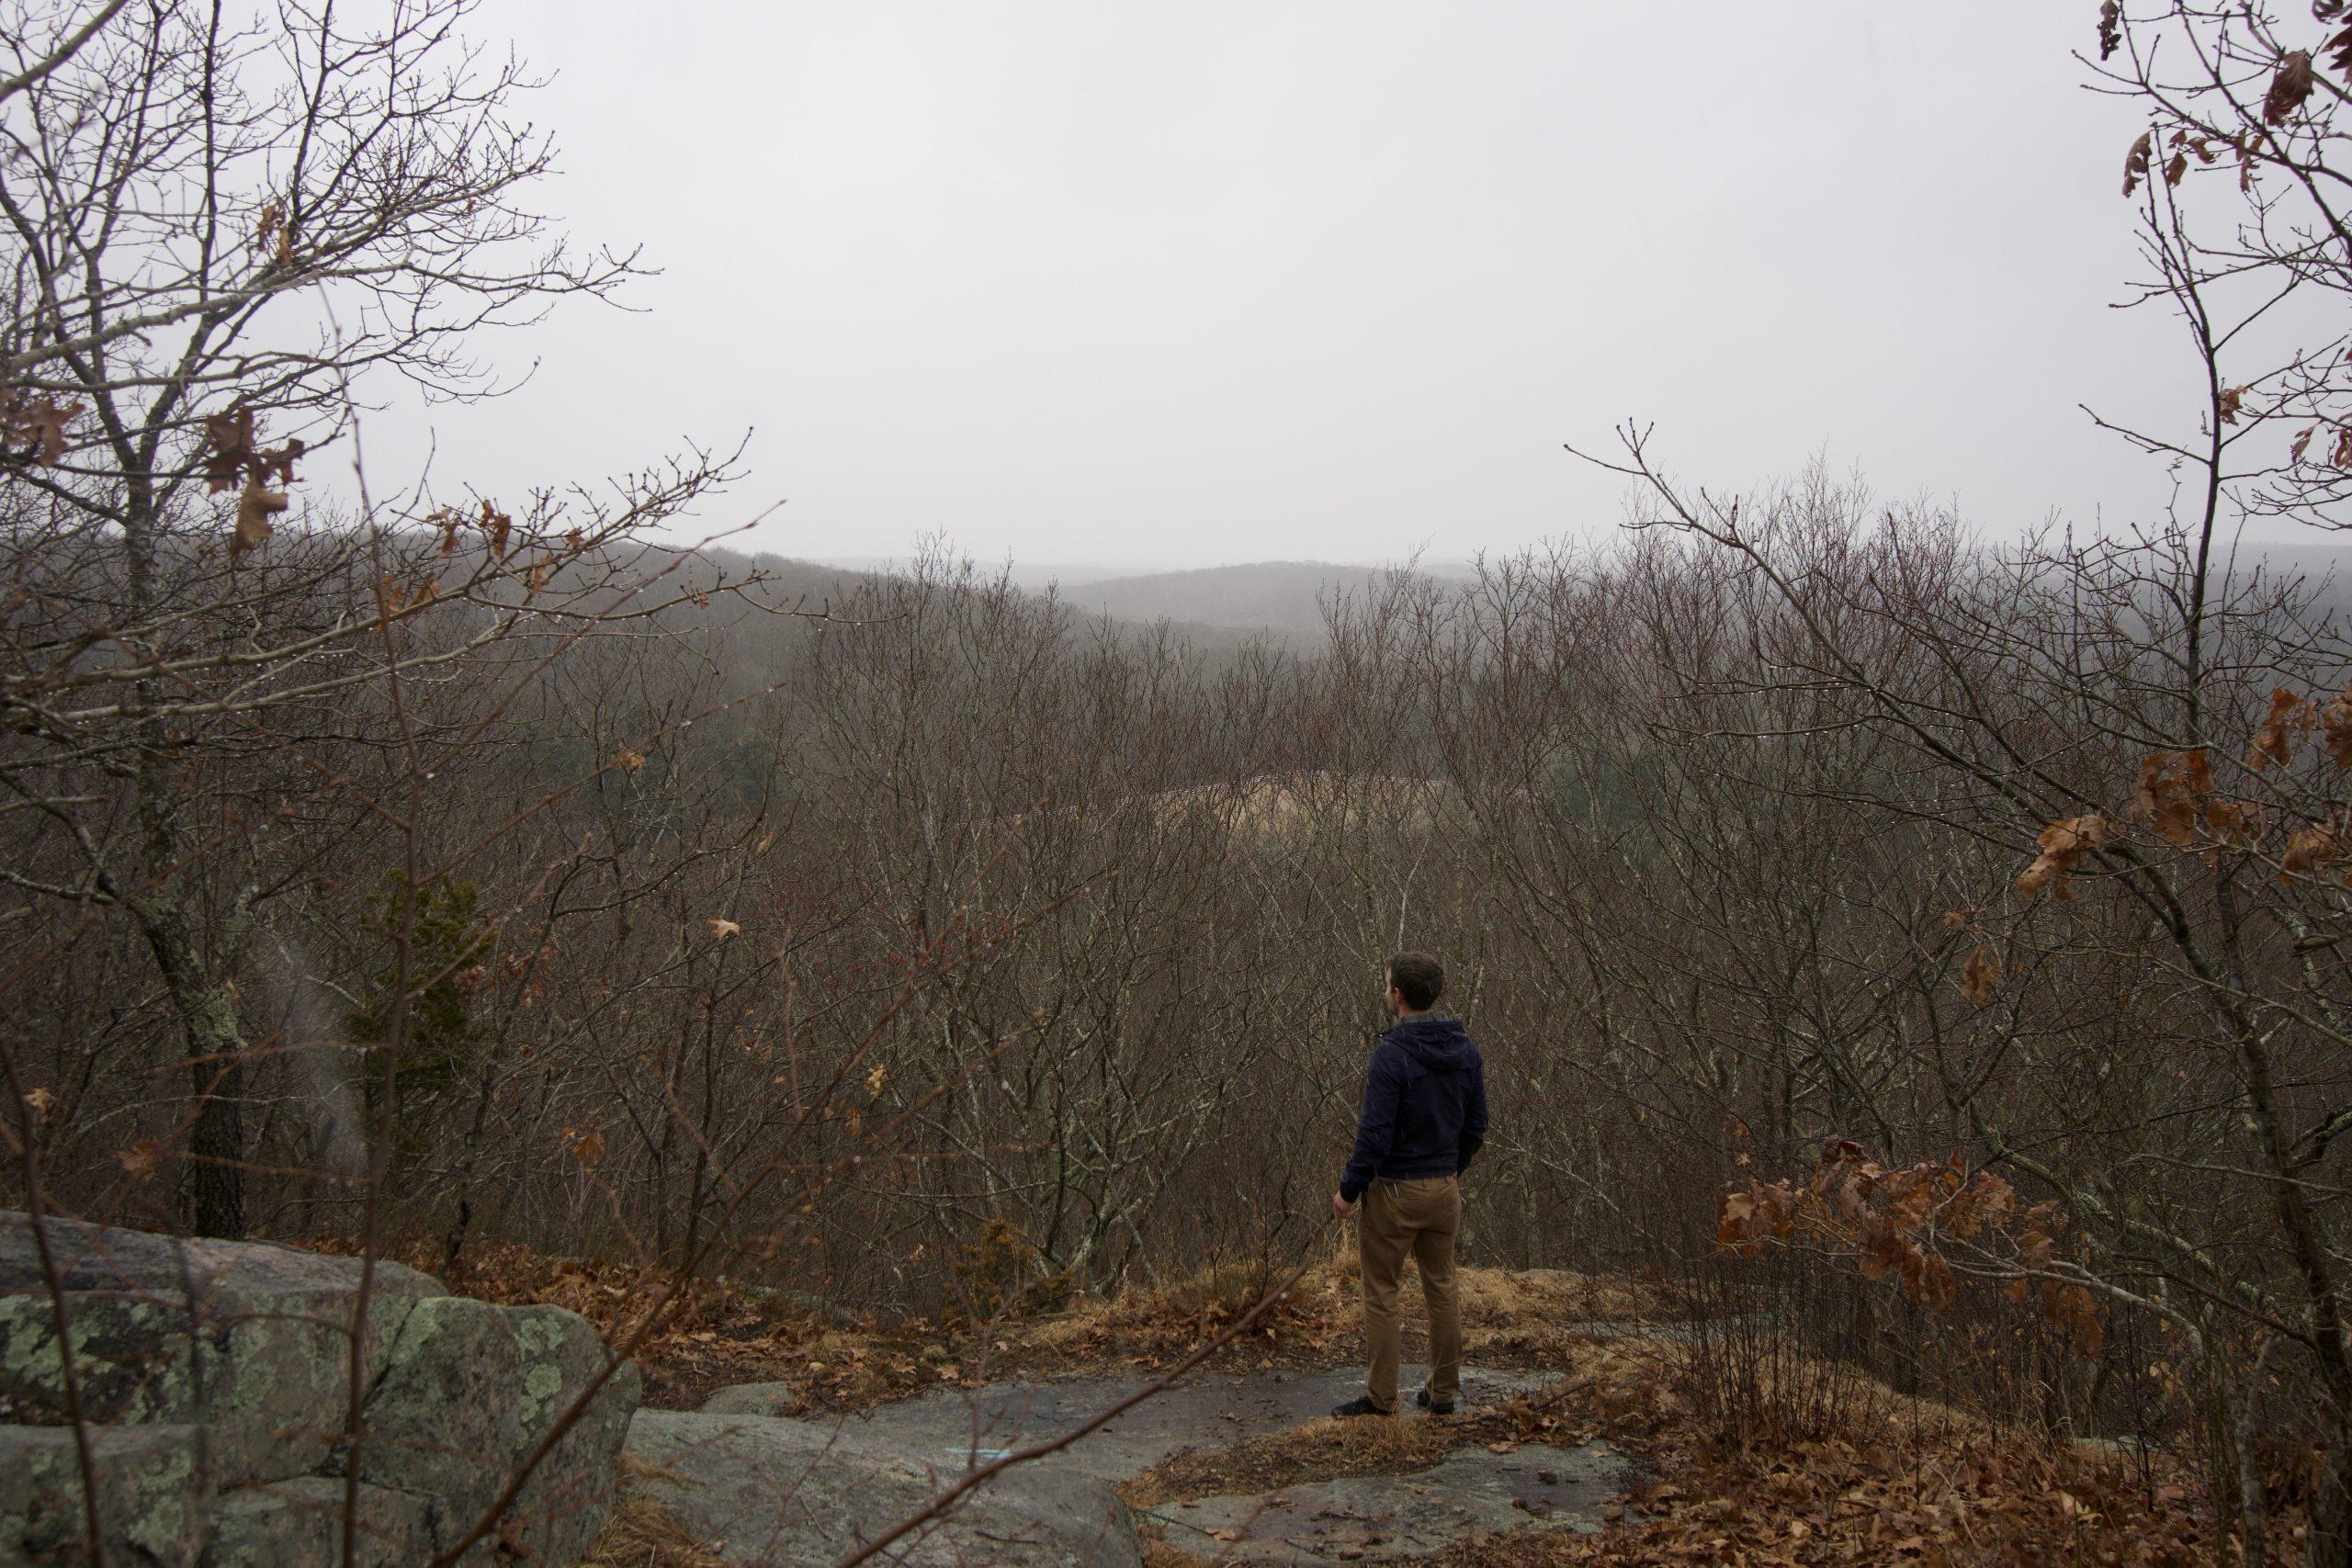 Cossaduck Bluffs